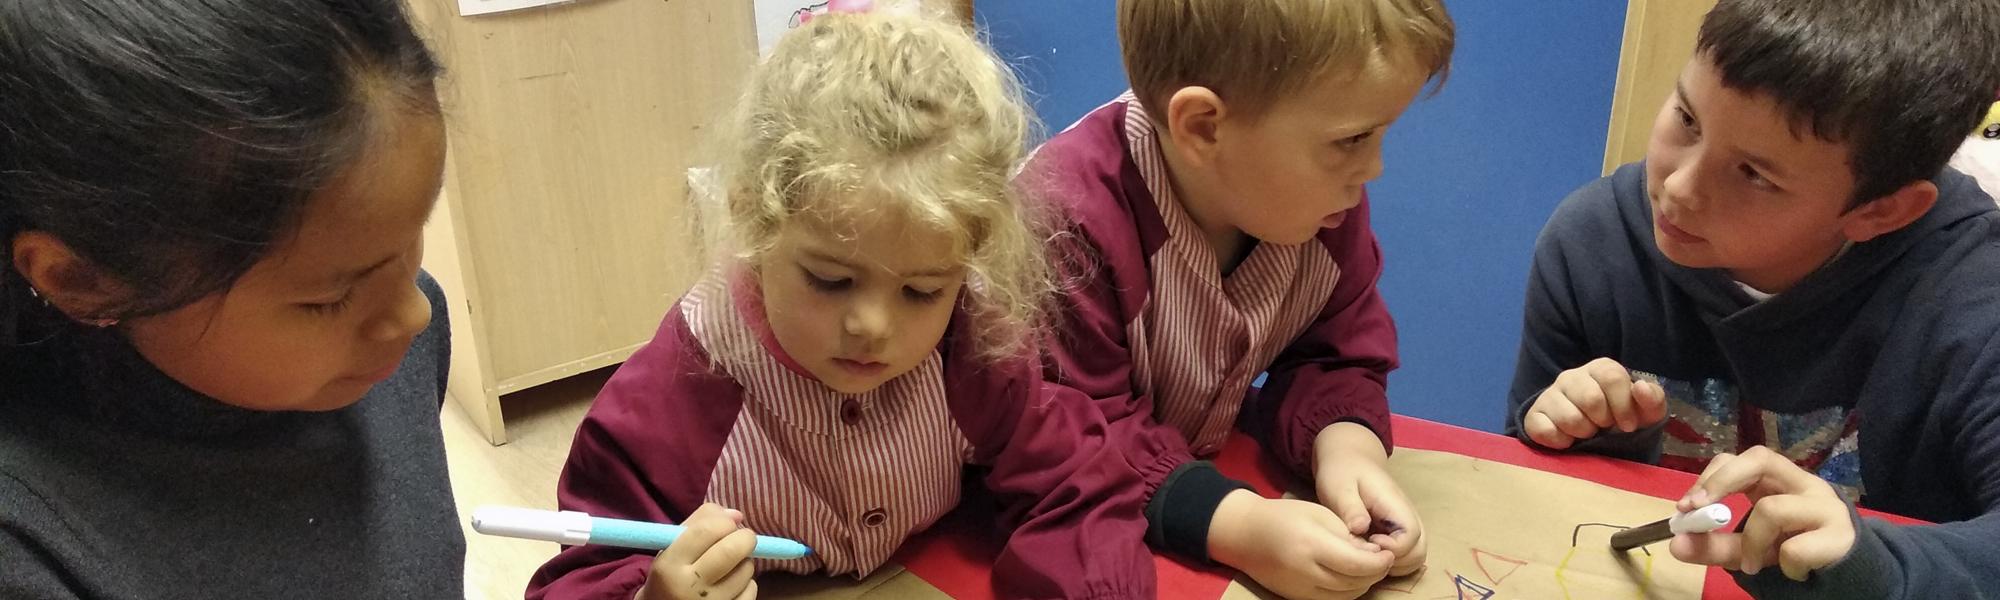 Programa Juntos aprendemos y nos divertimos en Educación Infantil El Porvenir